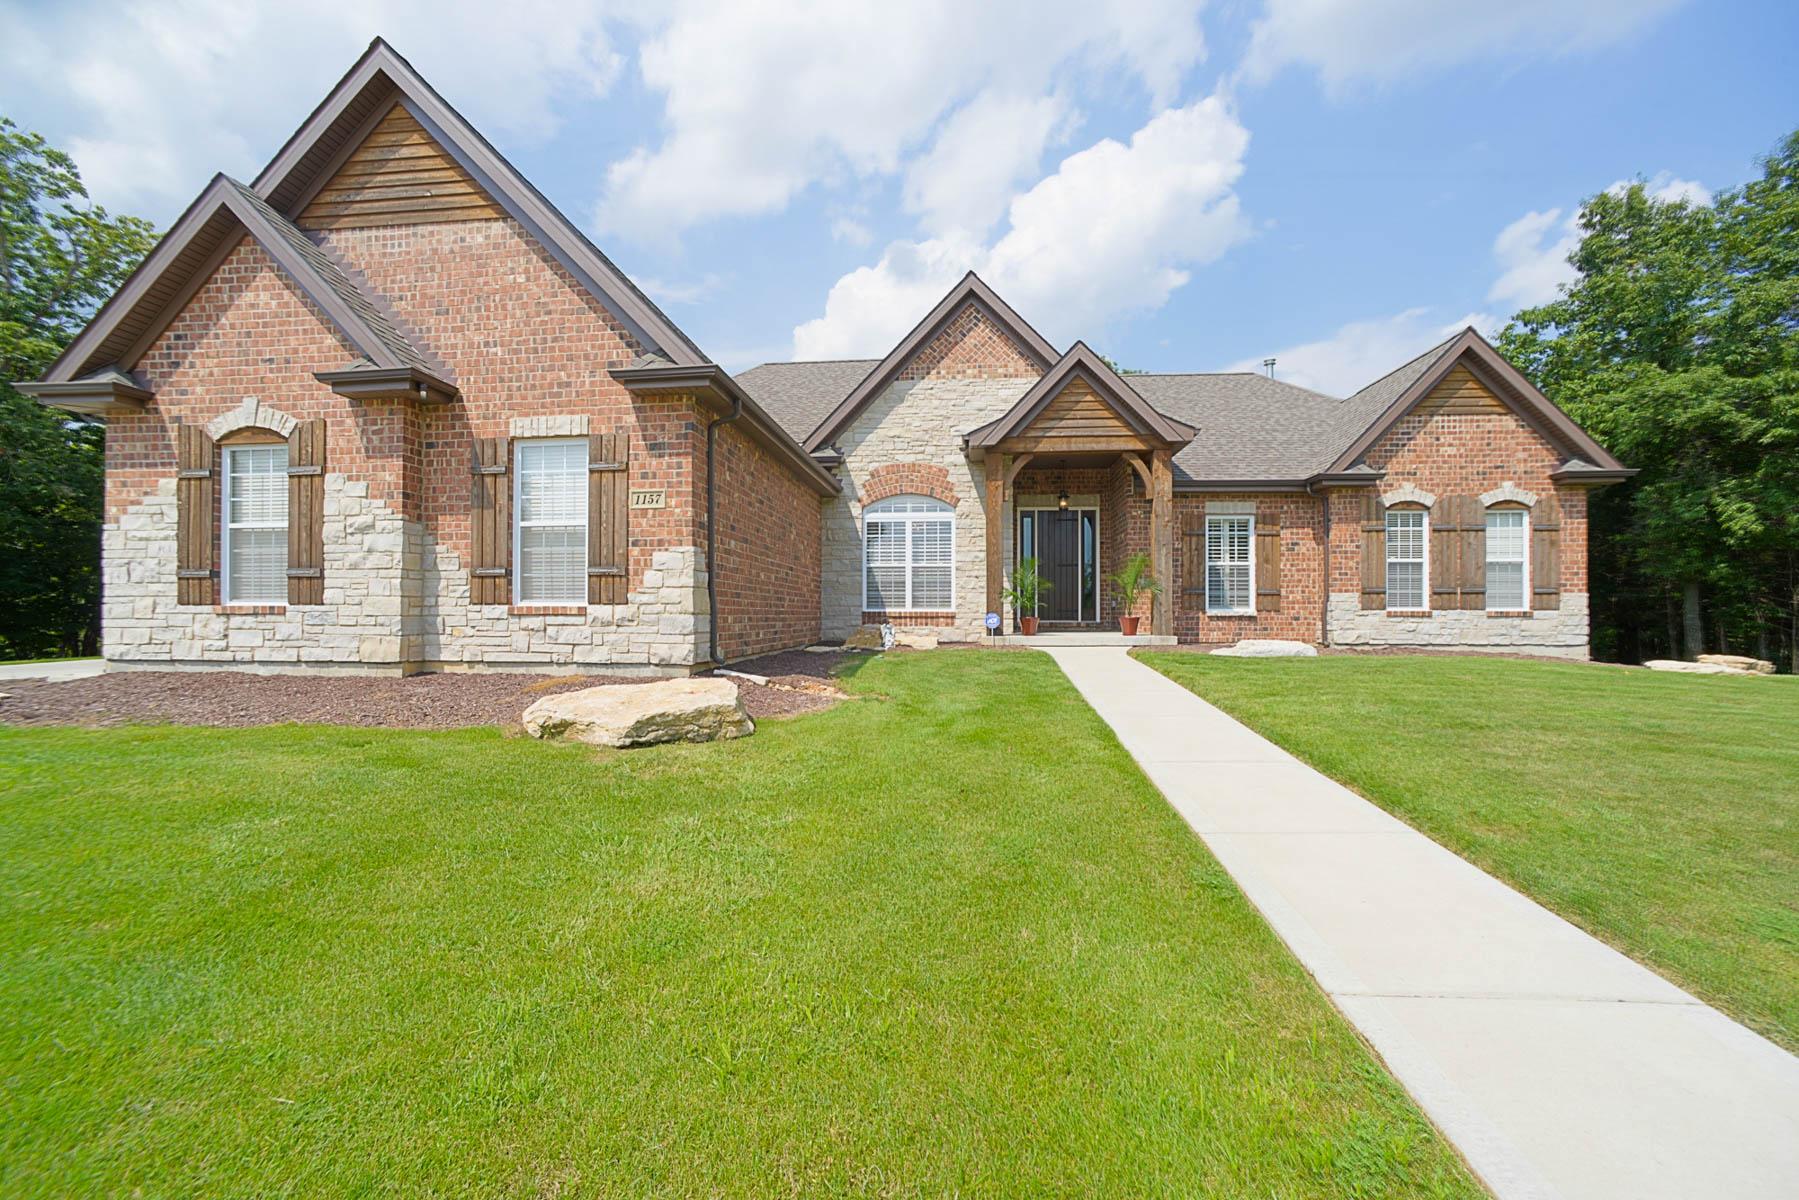 단독 가정 주택 용 매매 에 Ironhorse Court 1157 Ironhorse Court Wentzville, 미주리 63385 미국